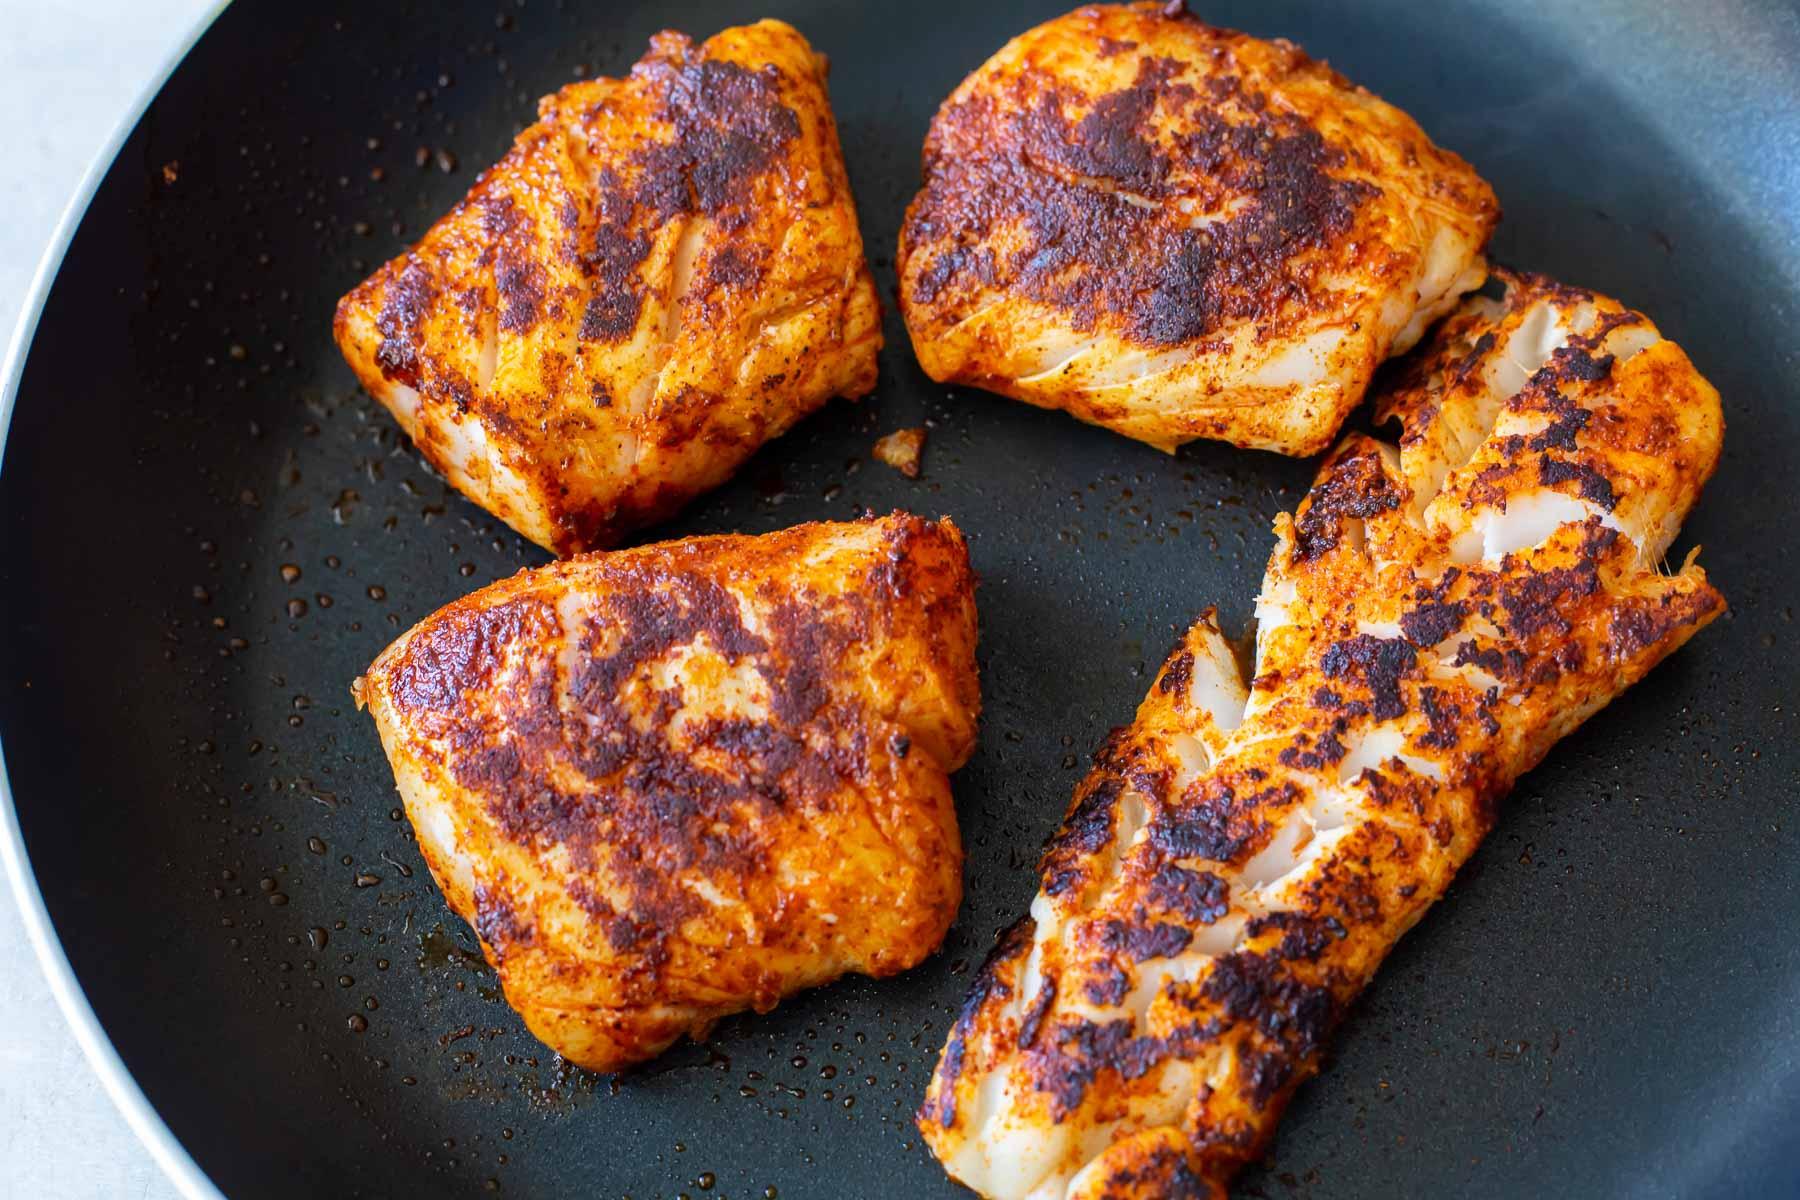 cooking seasoned cod in a skillet